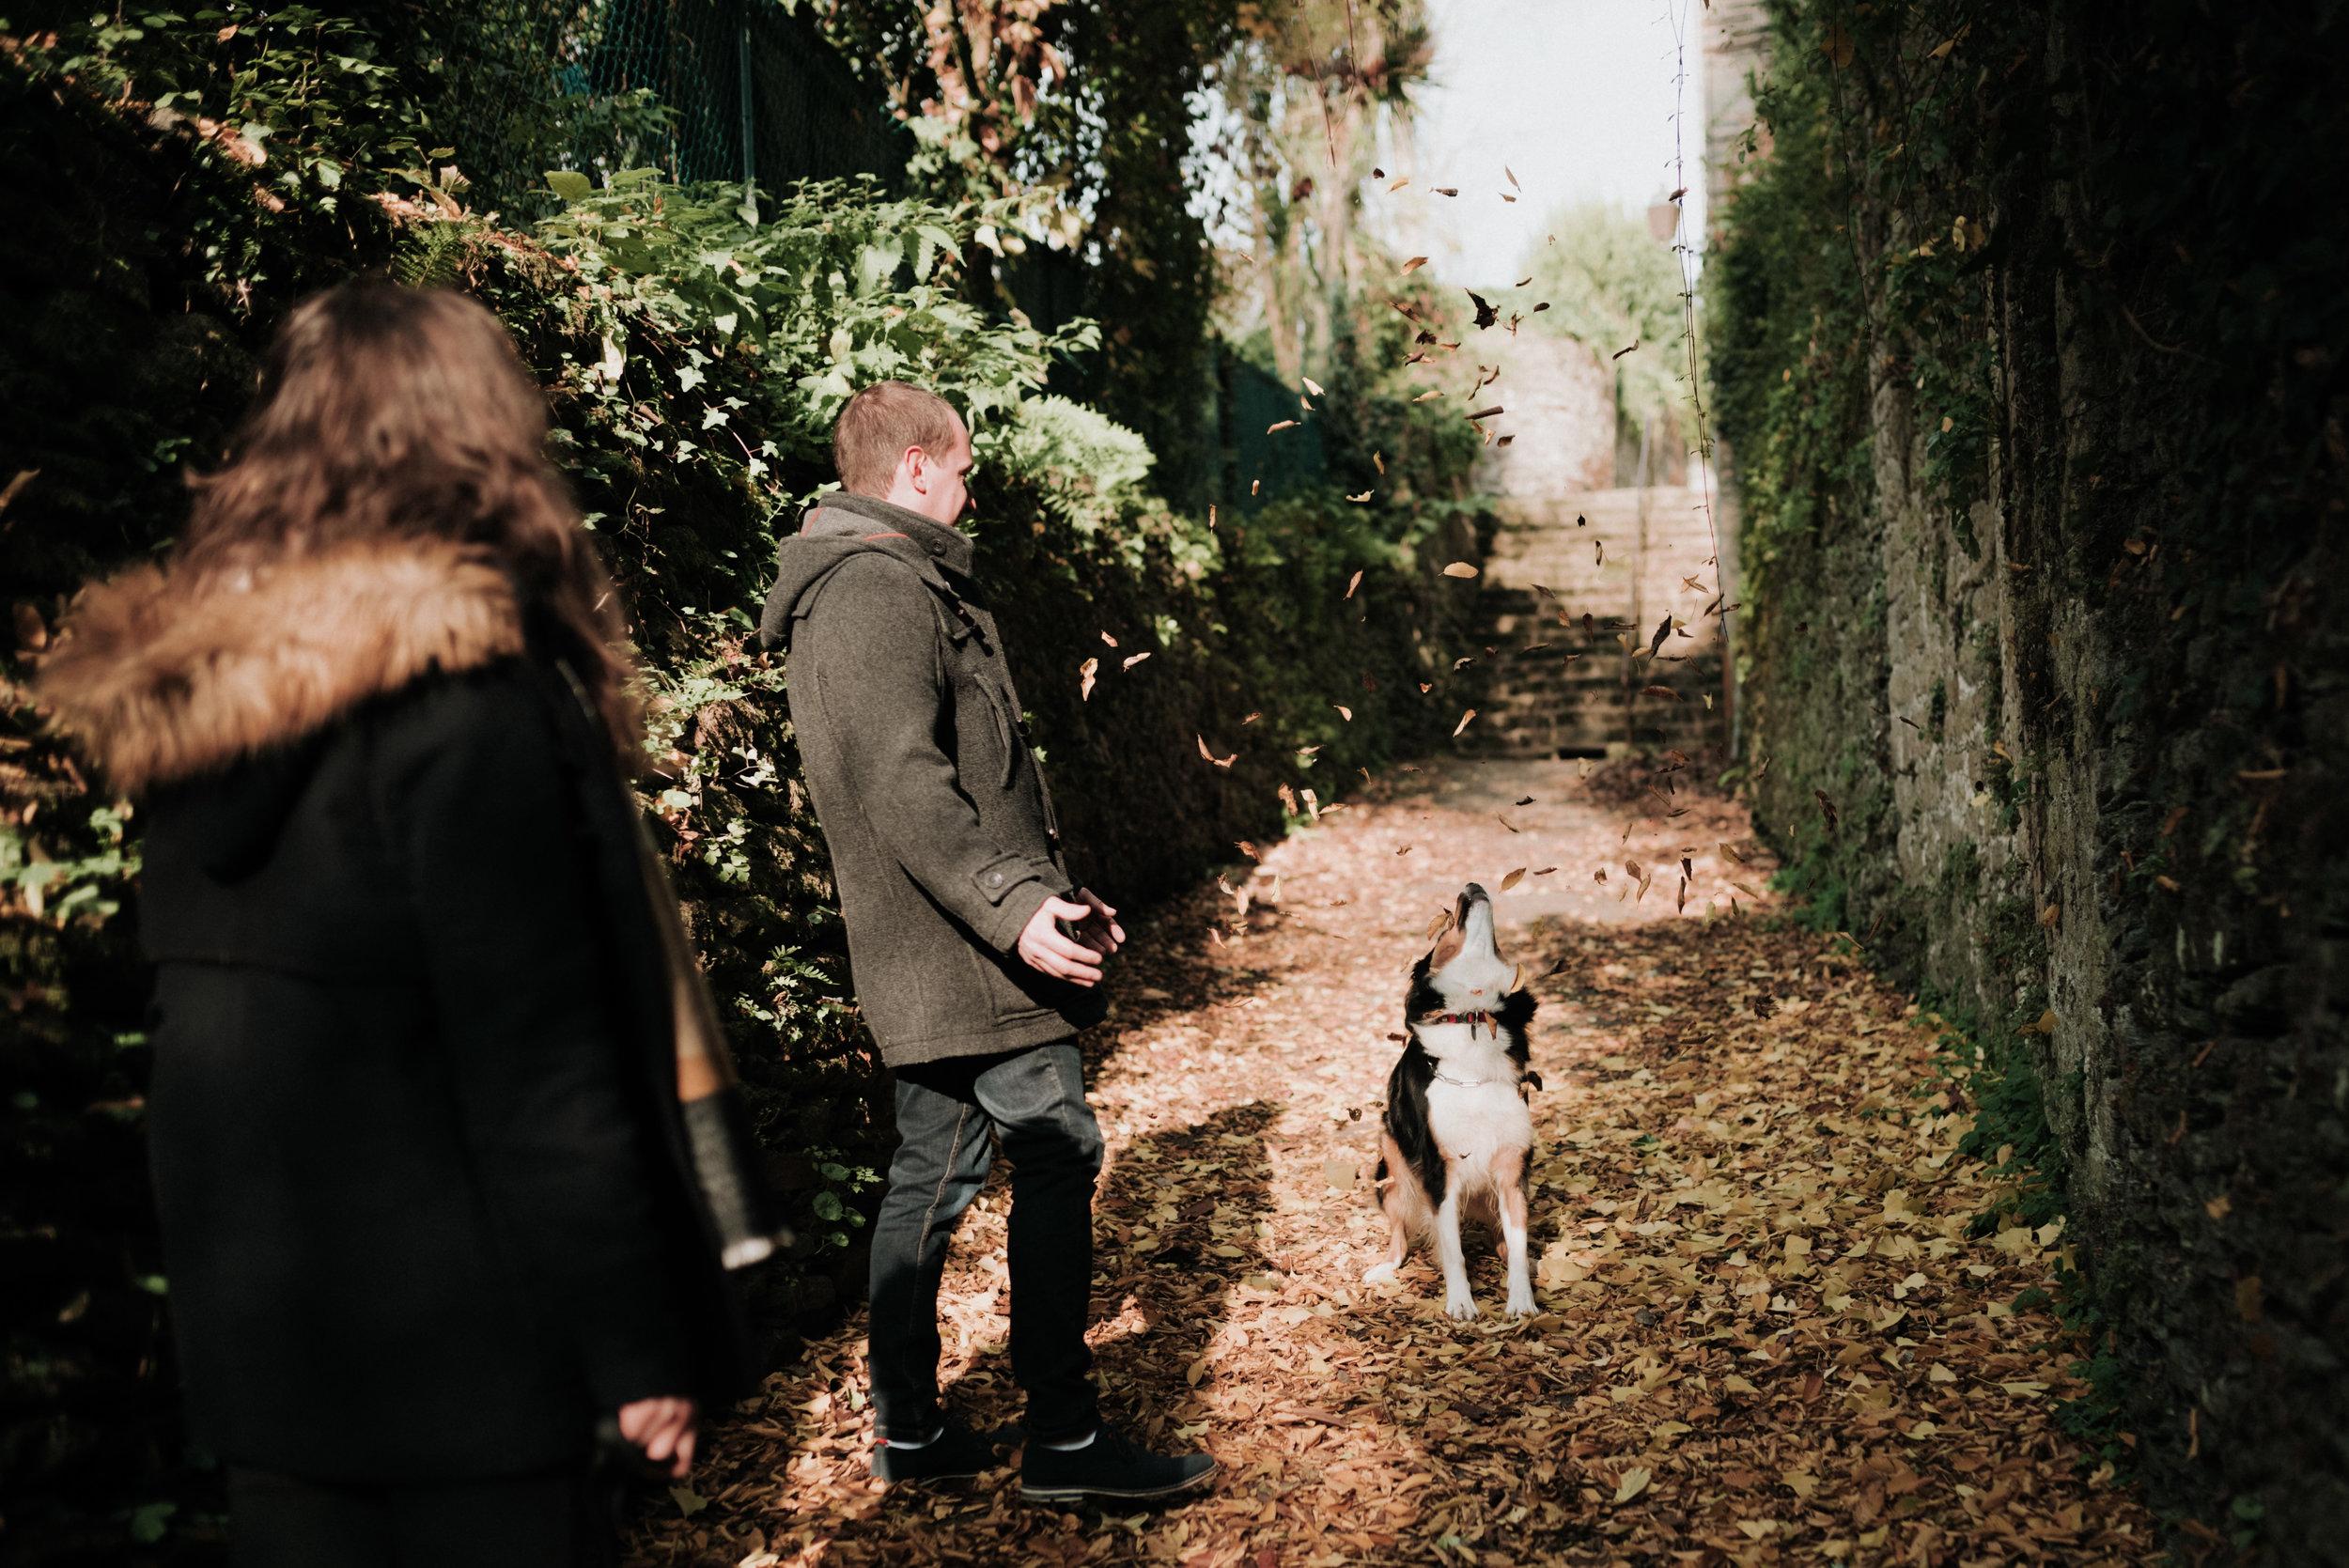 Léa-Fery-photographe-professionnel-lyon-rhone-alpes-portrait-creation-mariage-evenement-evenementiel-famille-4703.jpg